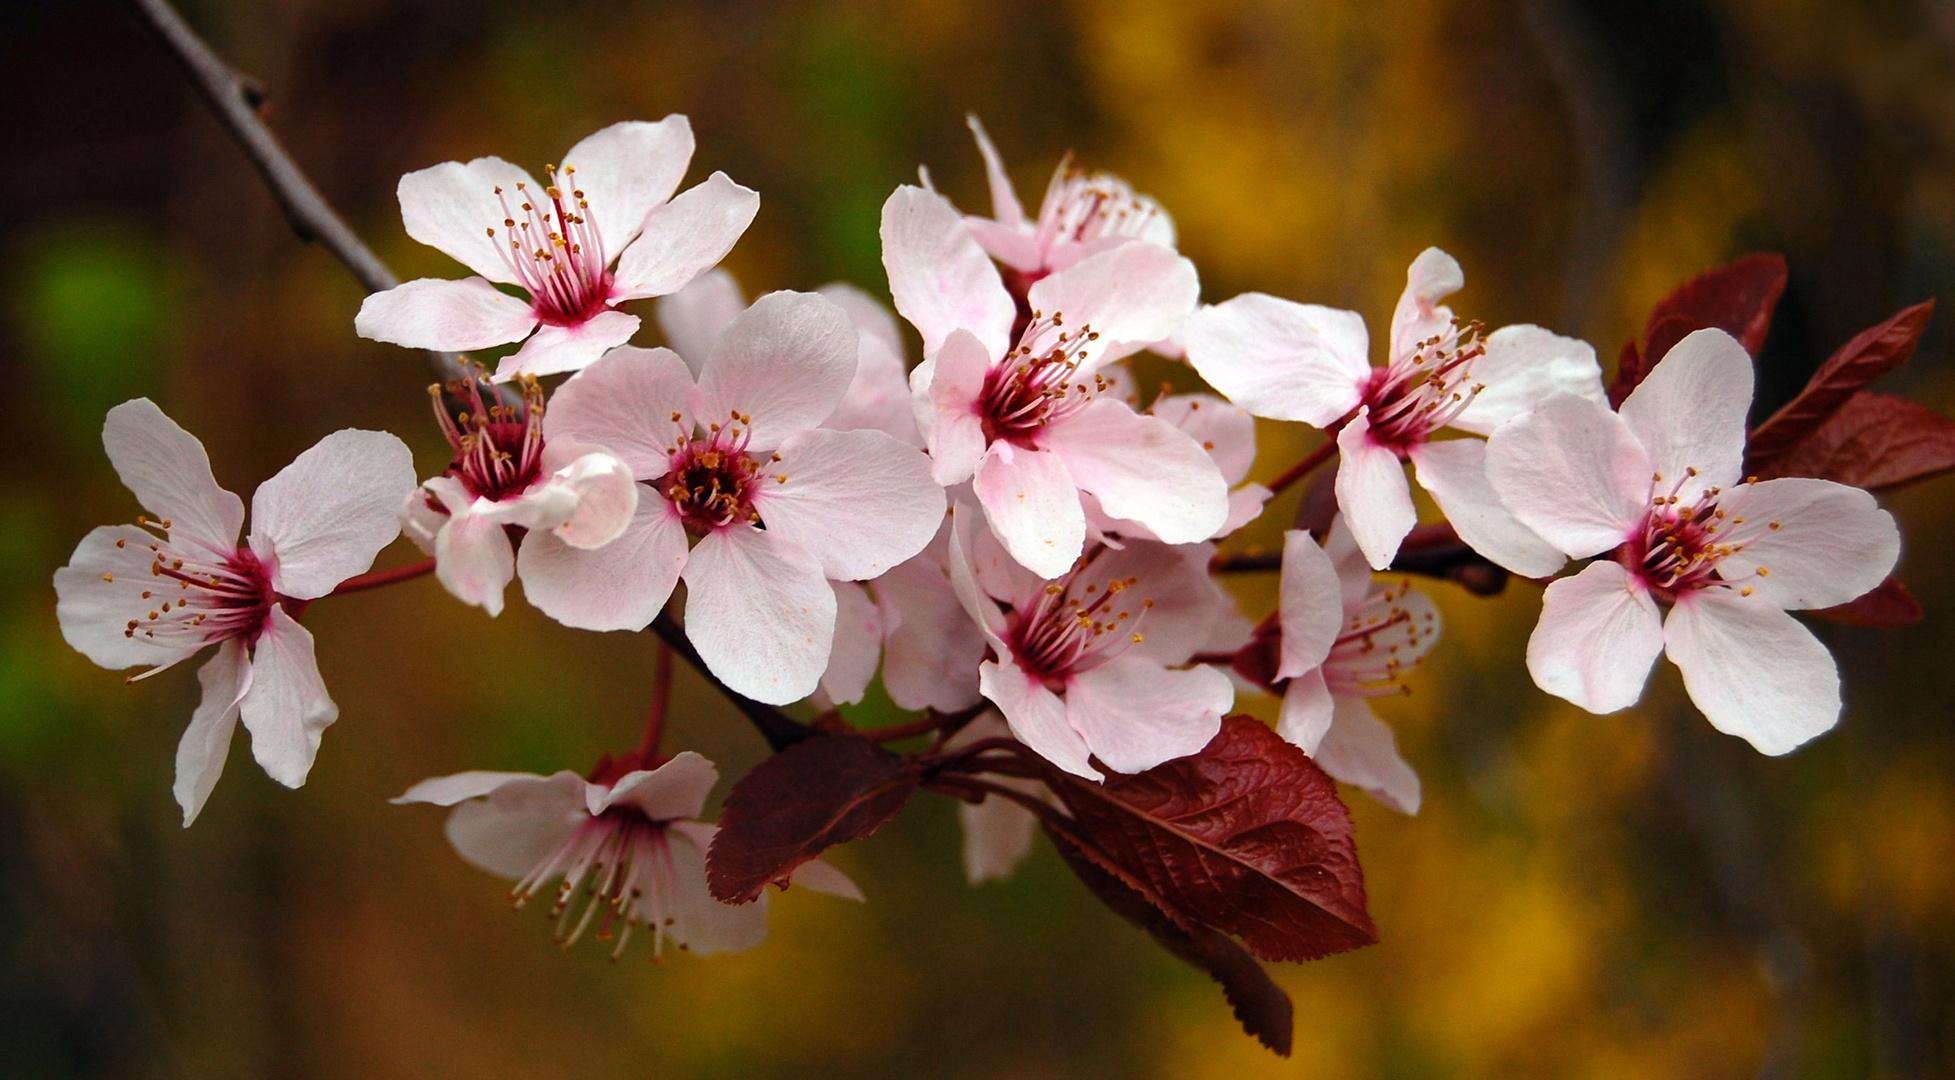 Die Blüten in Nachbars Garten !